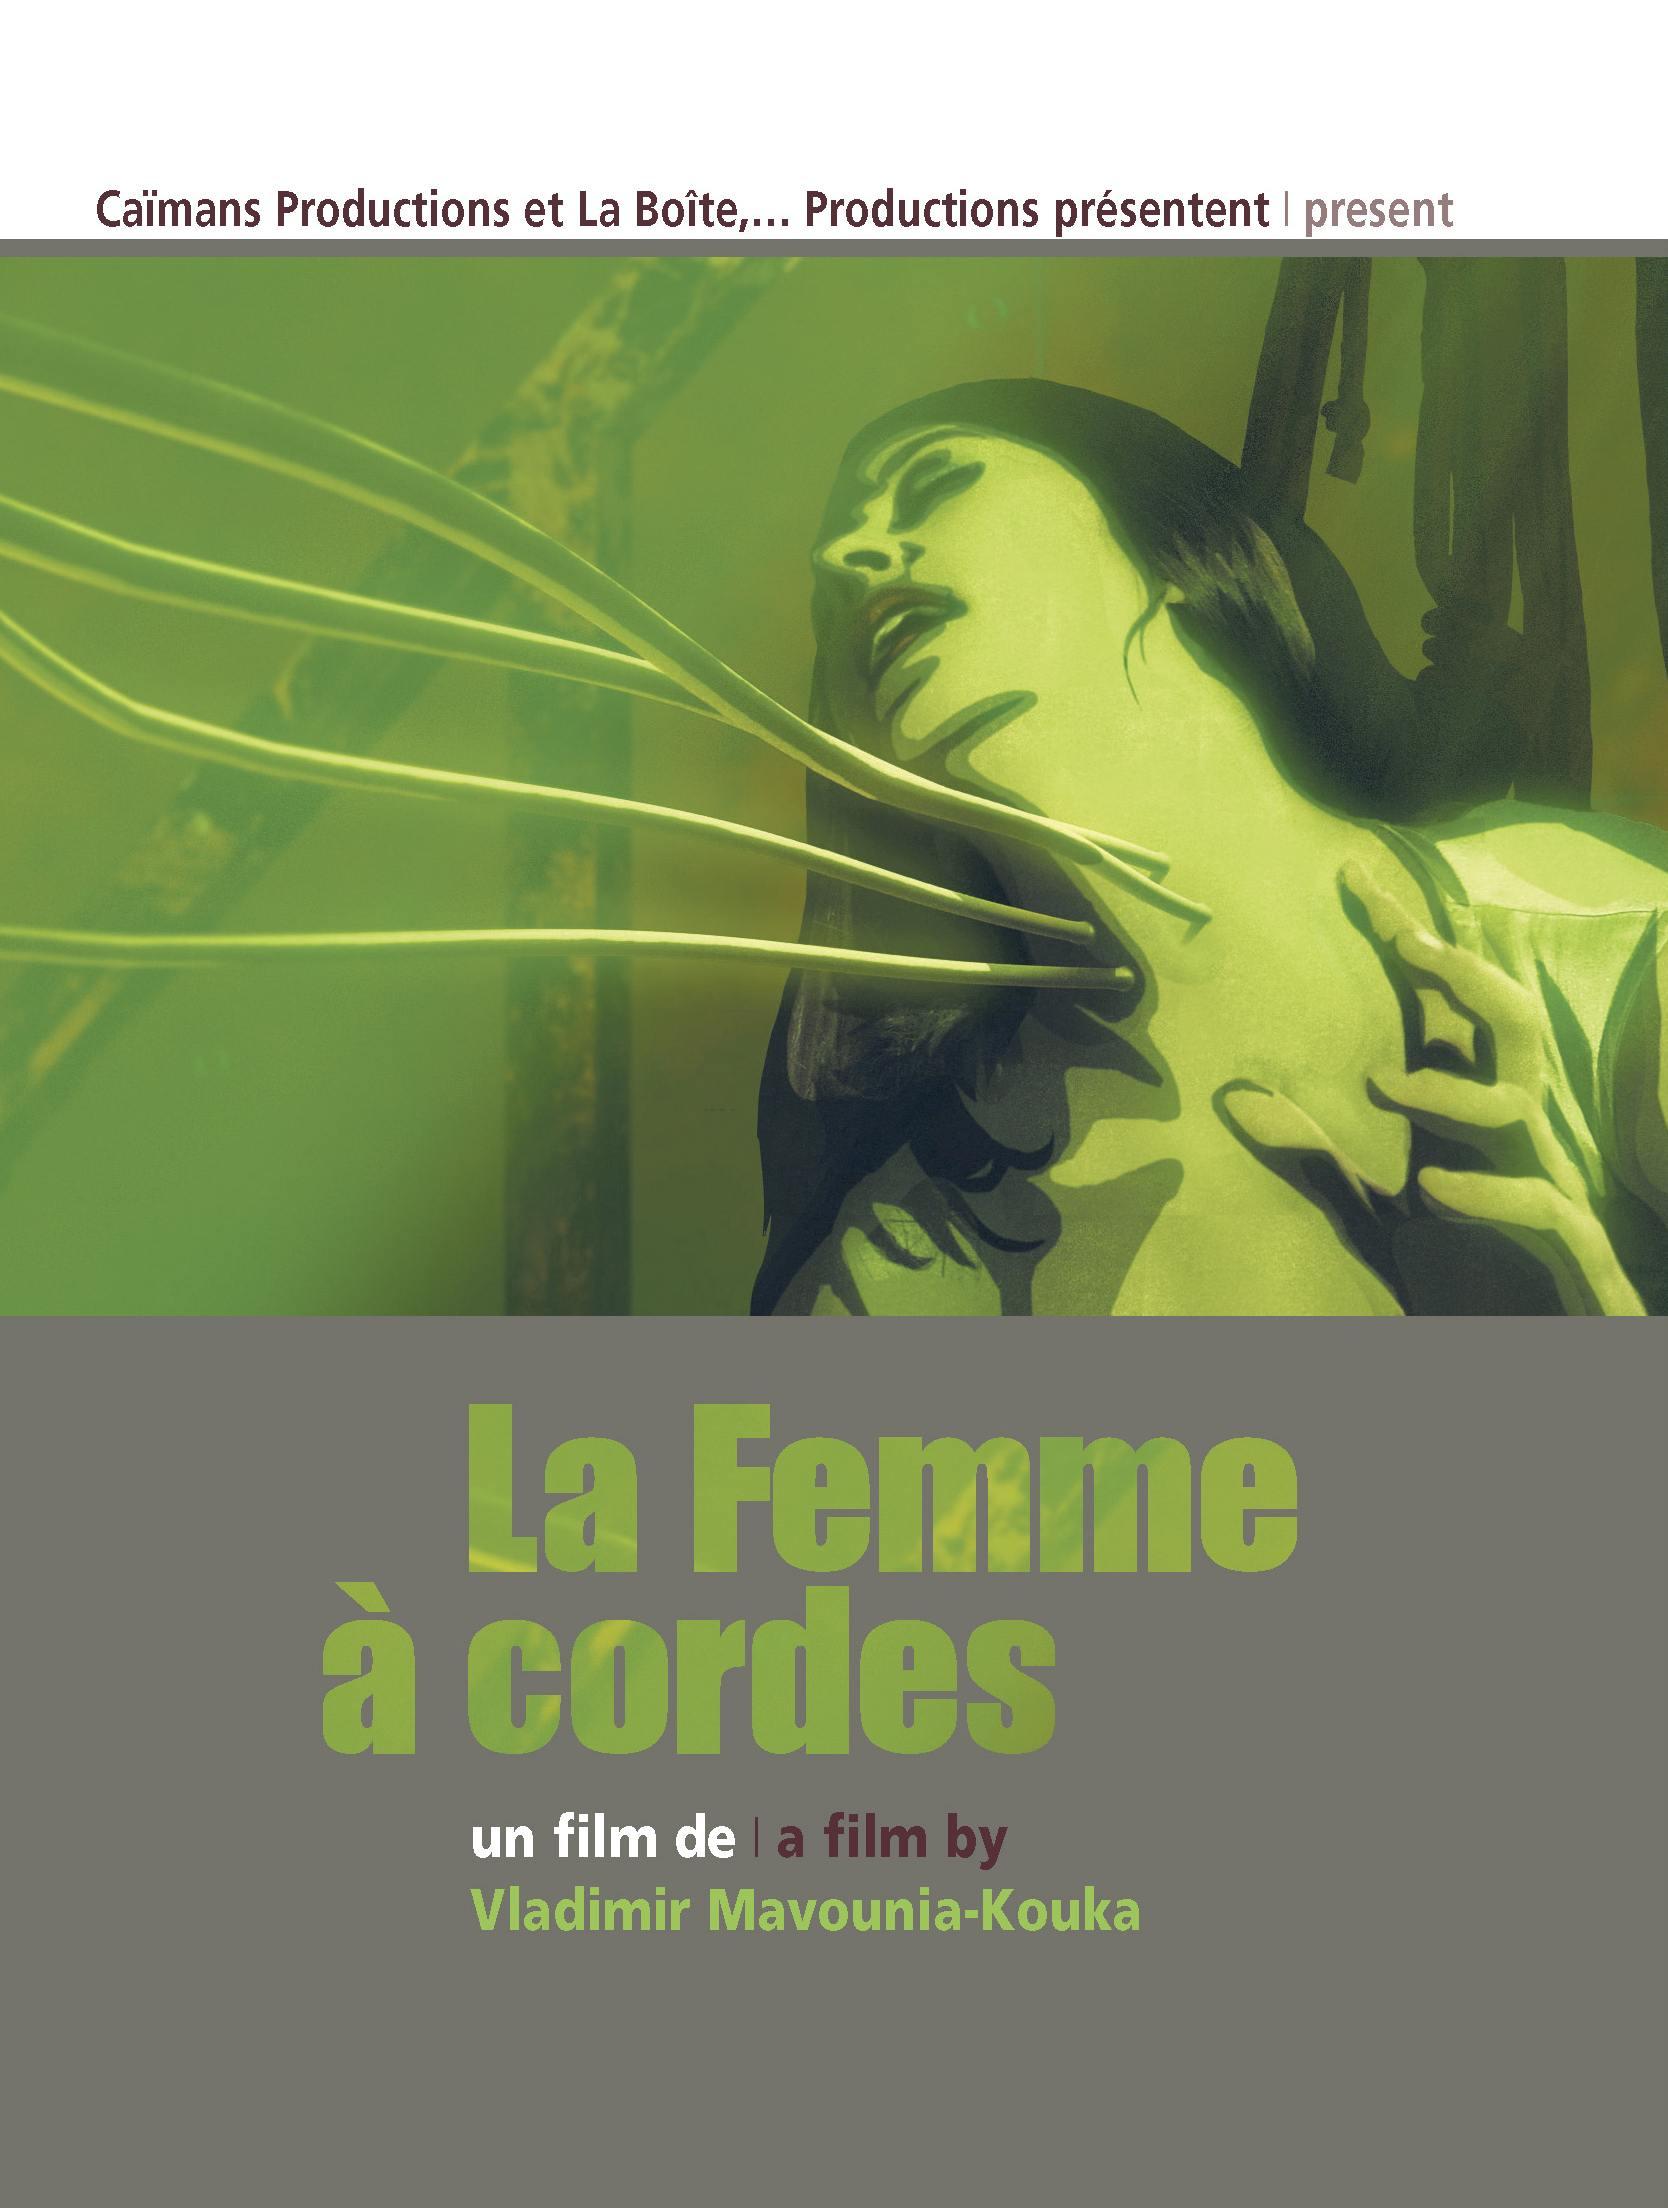 La femme a corde - dvd